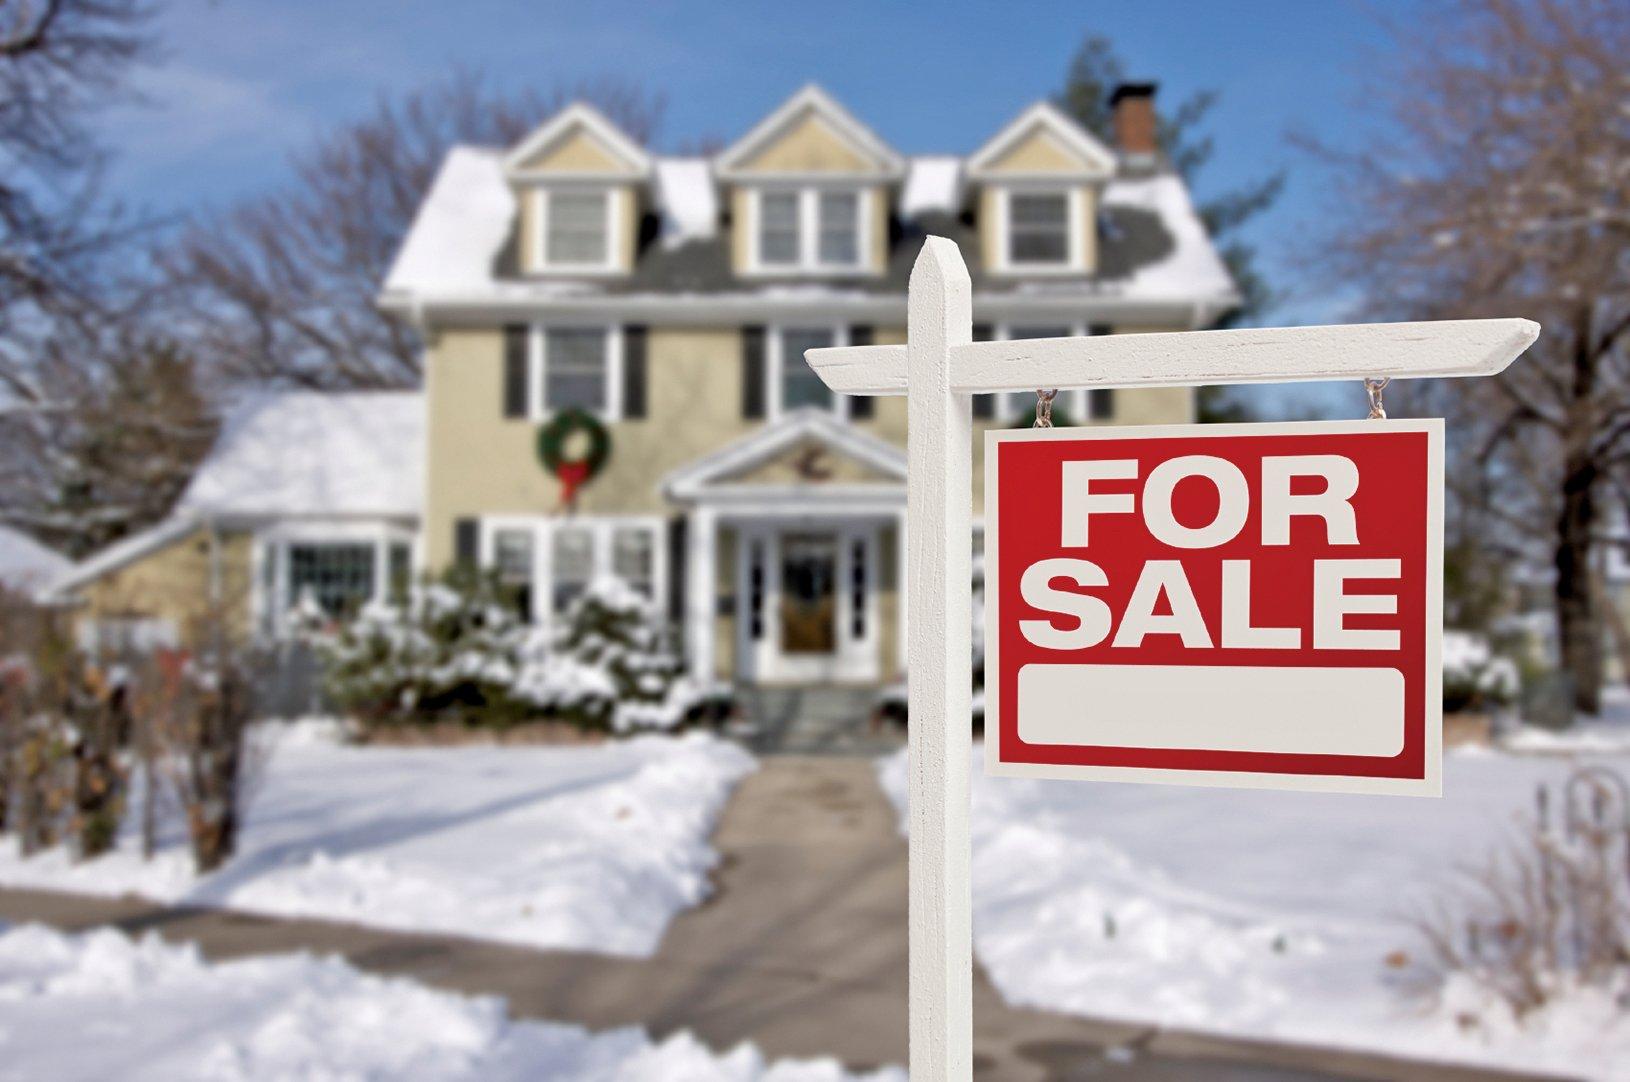 美國財政部一項調查證實了紐約和邁阿密等地區的高端房產正被用來進行非法資金轉移後,當局宣佈將擴大對美國高端房產洗錢的調查力度。(iStock)